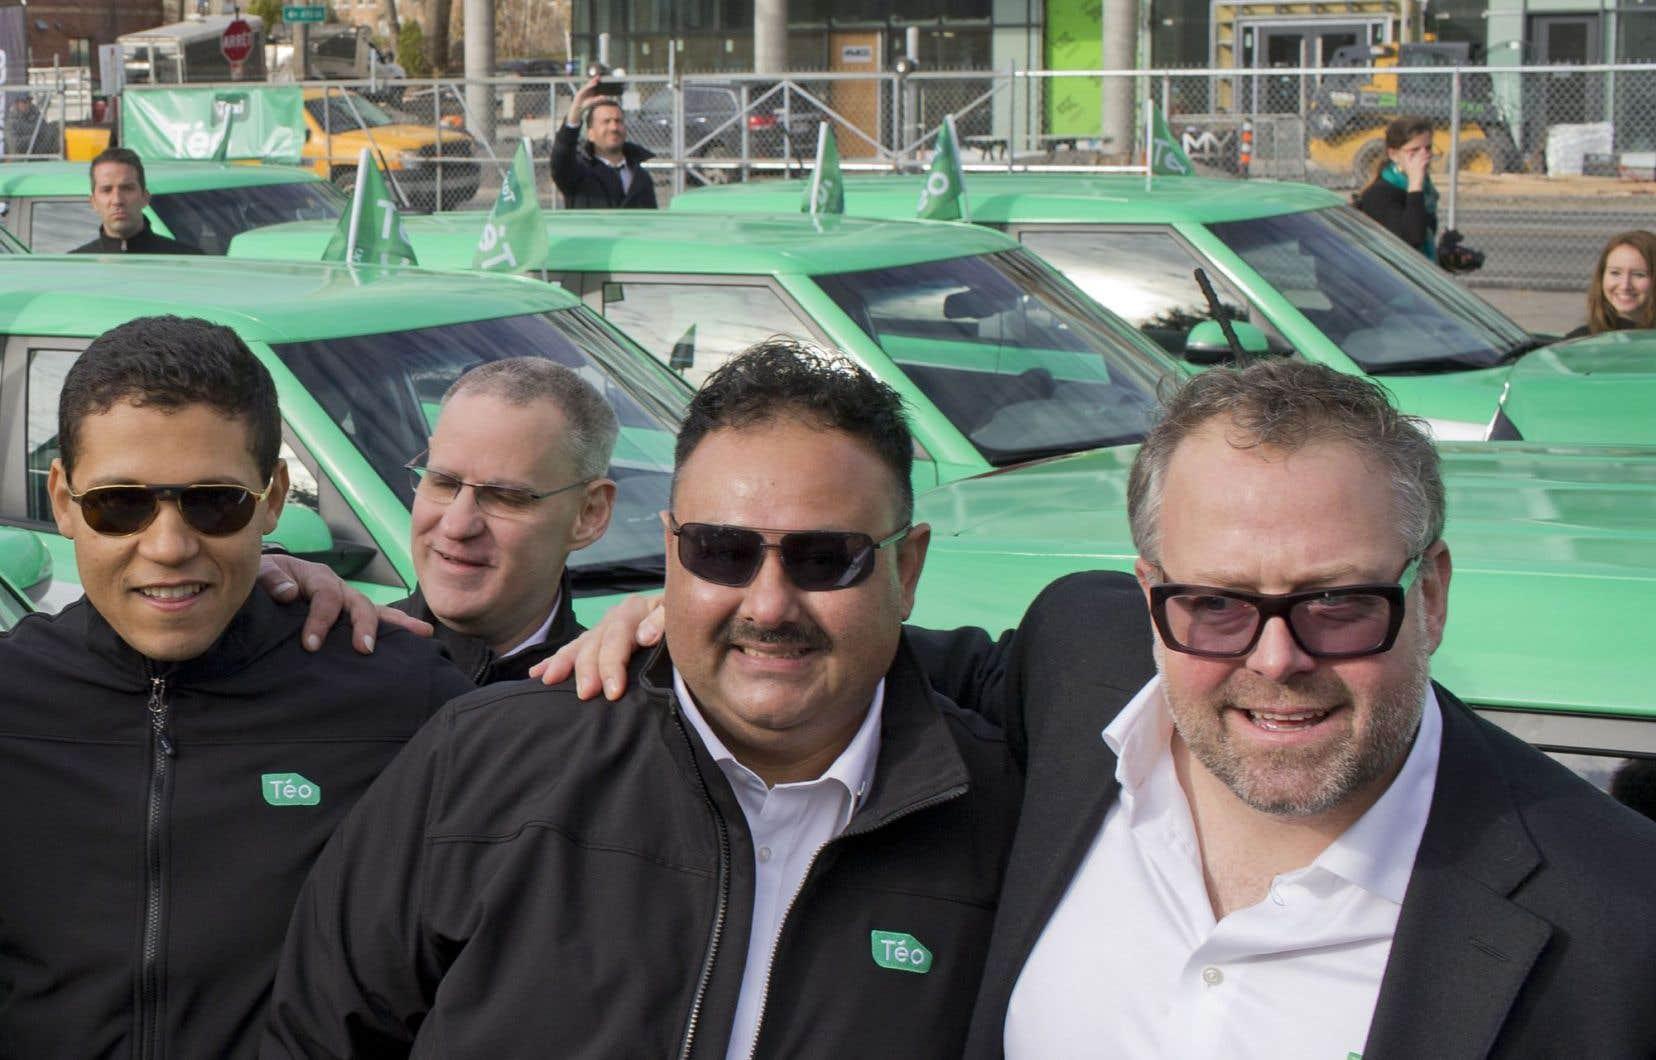 L'homme d'affaires Alexandre Taillefer (à droite sur notre photo) a lancé, mercredi, son nouveau service de taxis électriques, Téo Taxi.